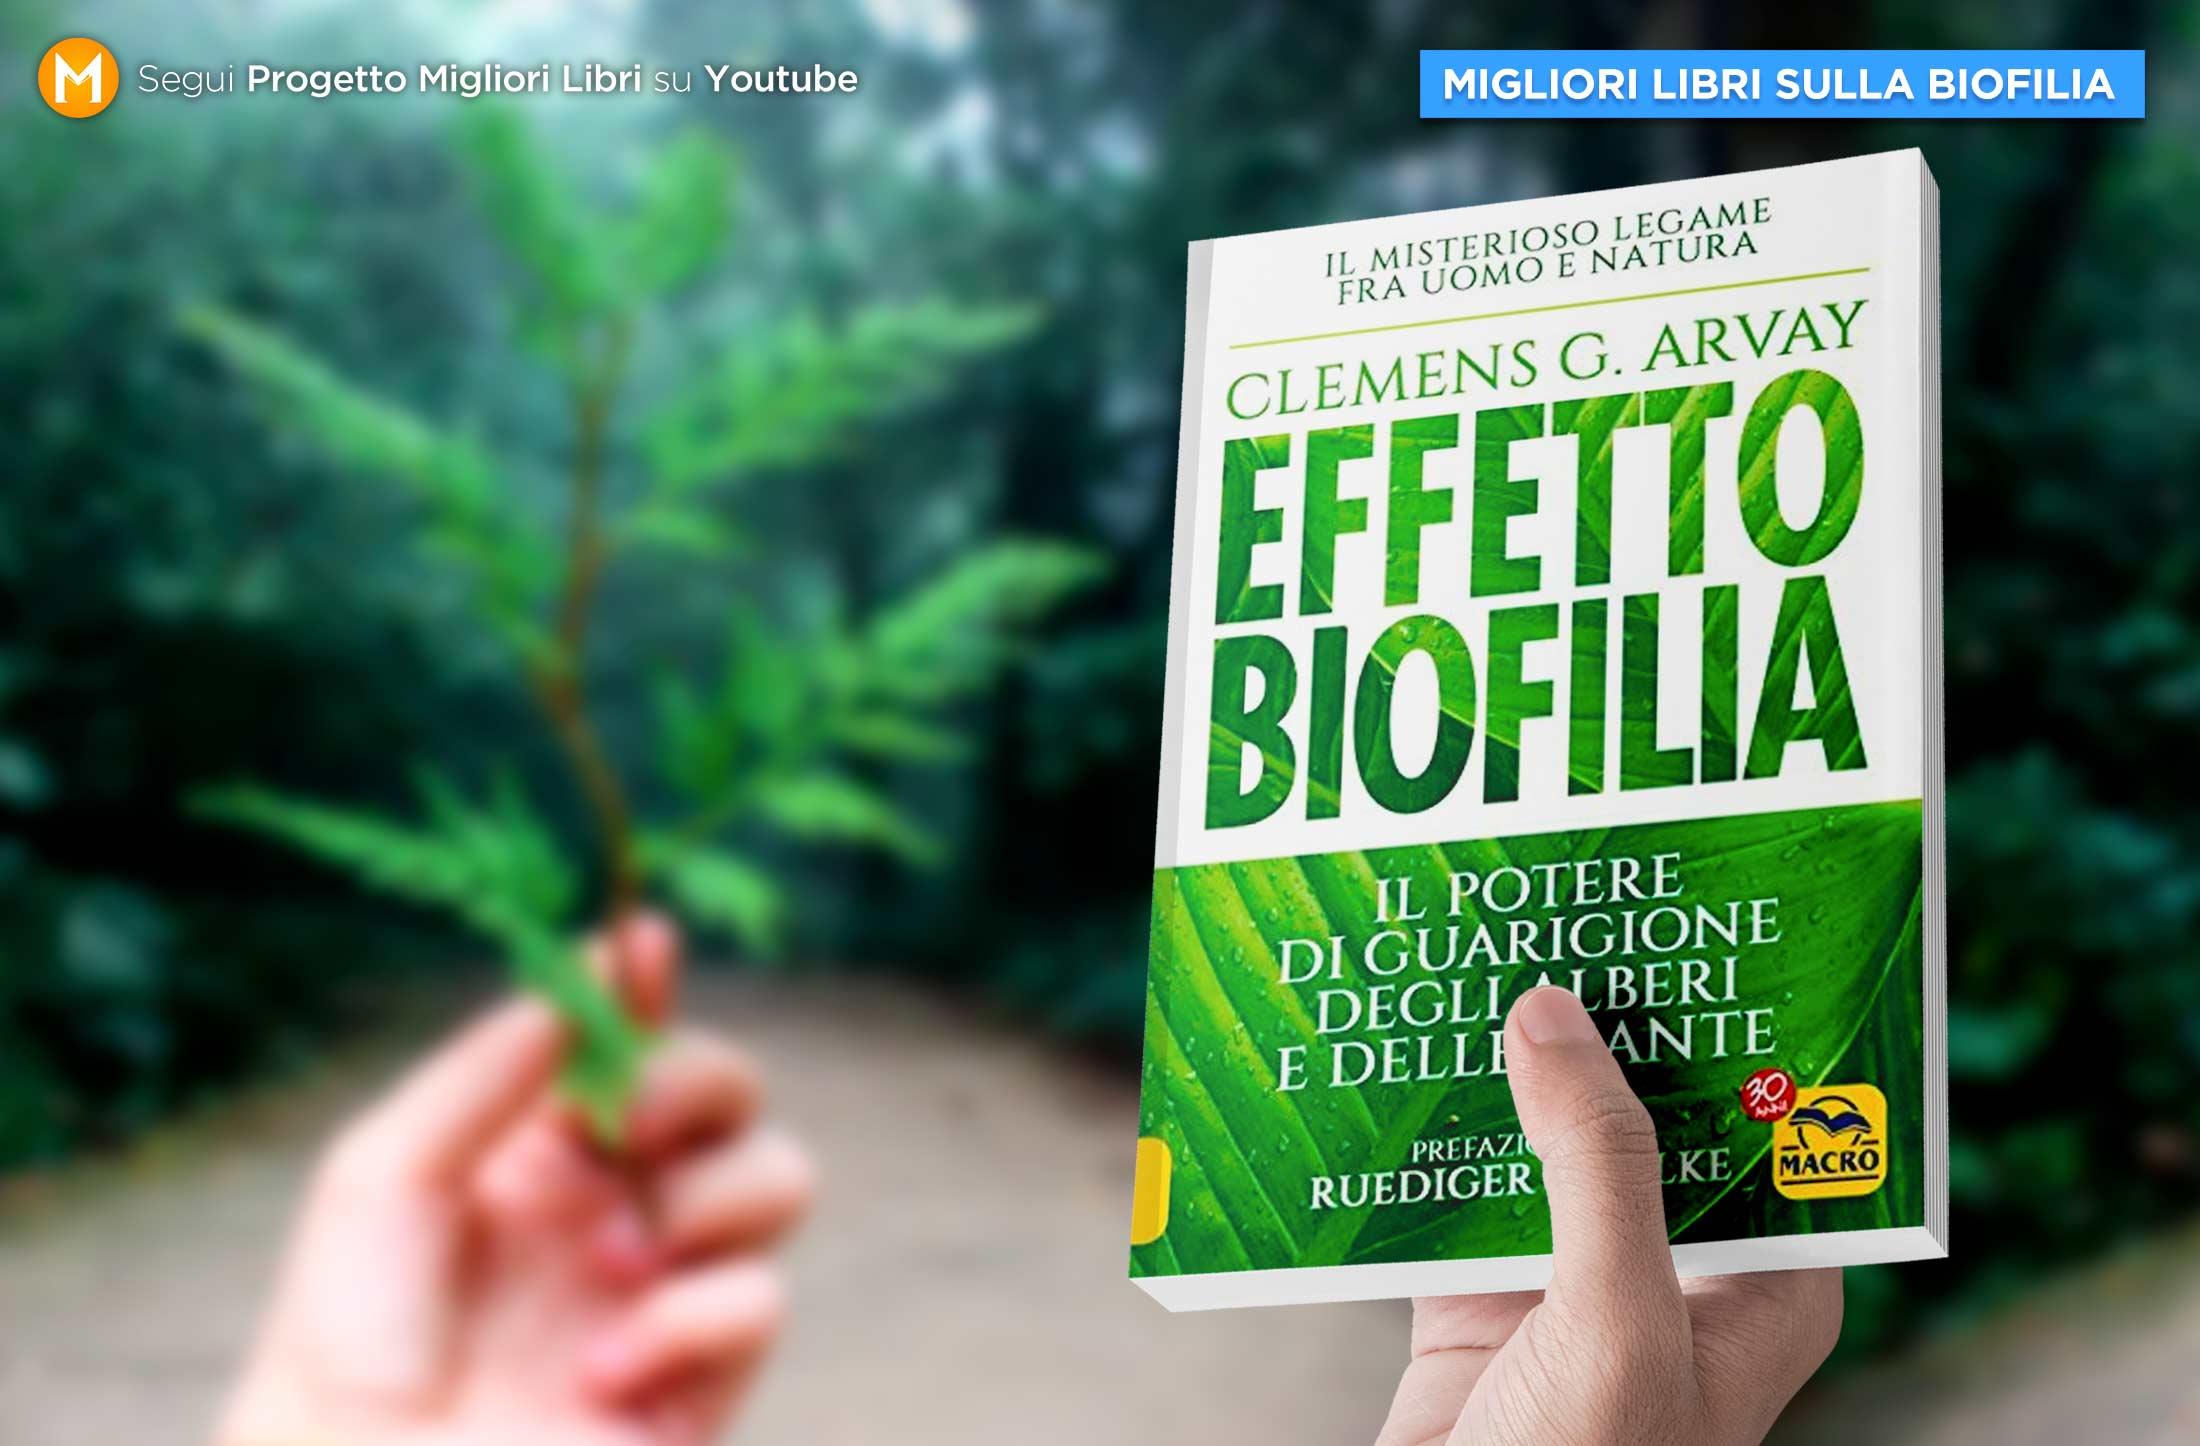 migliori-libri-sulla-biofilia